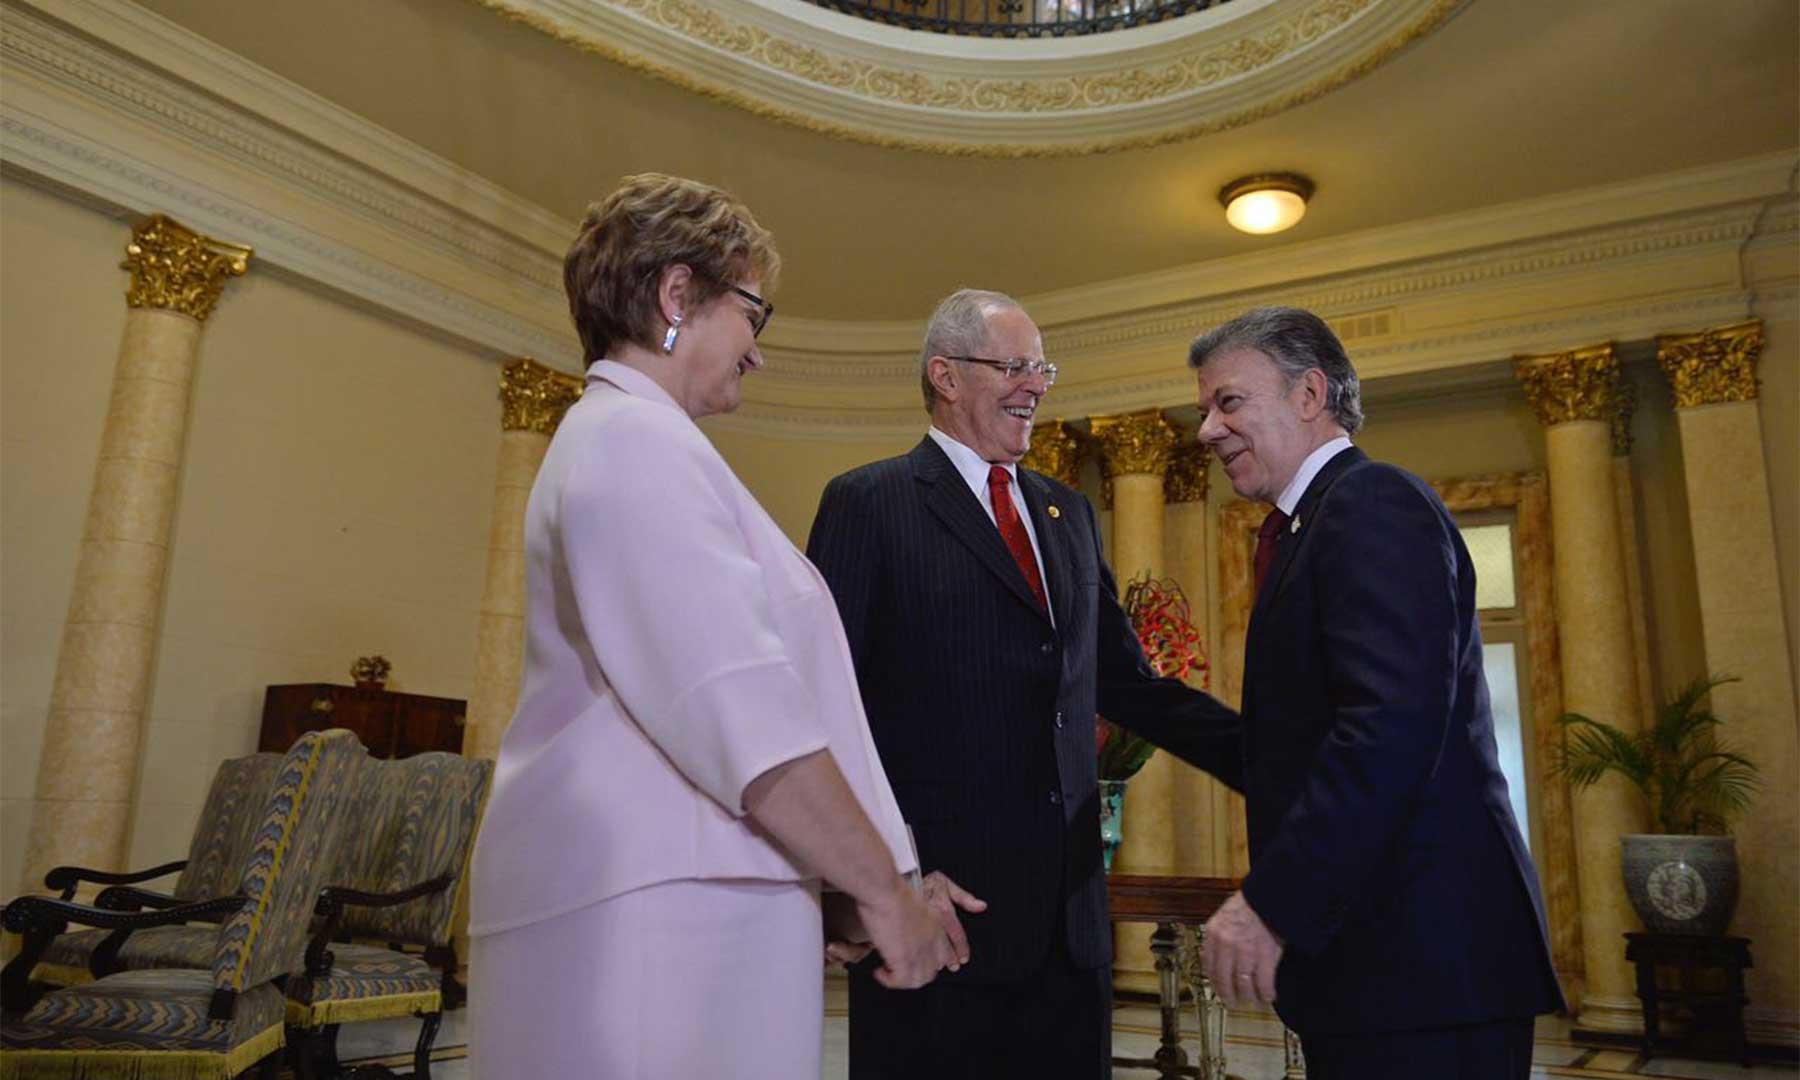 El Presidente Juan Manuel Santos saluda al Jefe del Estado peruano, Pedro Pablo Kucynski, quien estuvo acompañado por la Primera Dama Nacy Lange, luego de su toma de posesión ante el Congreso de ese país.